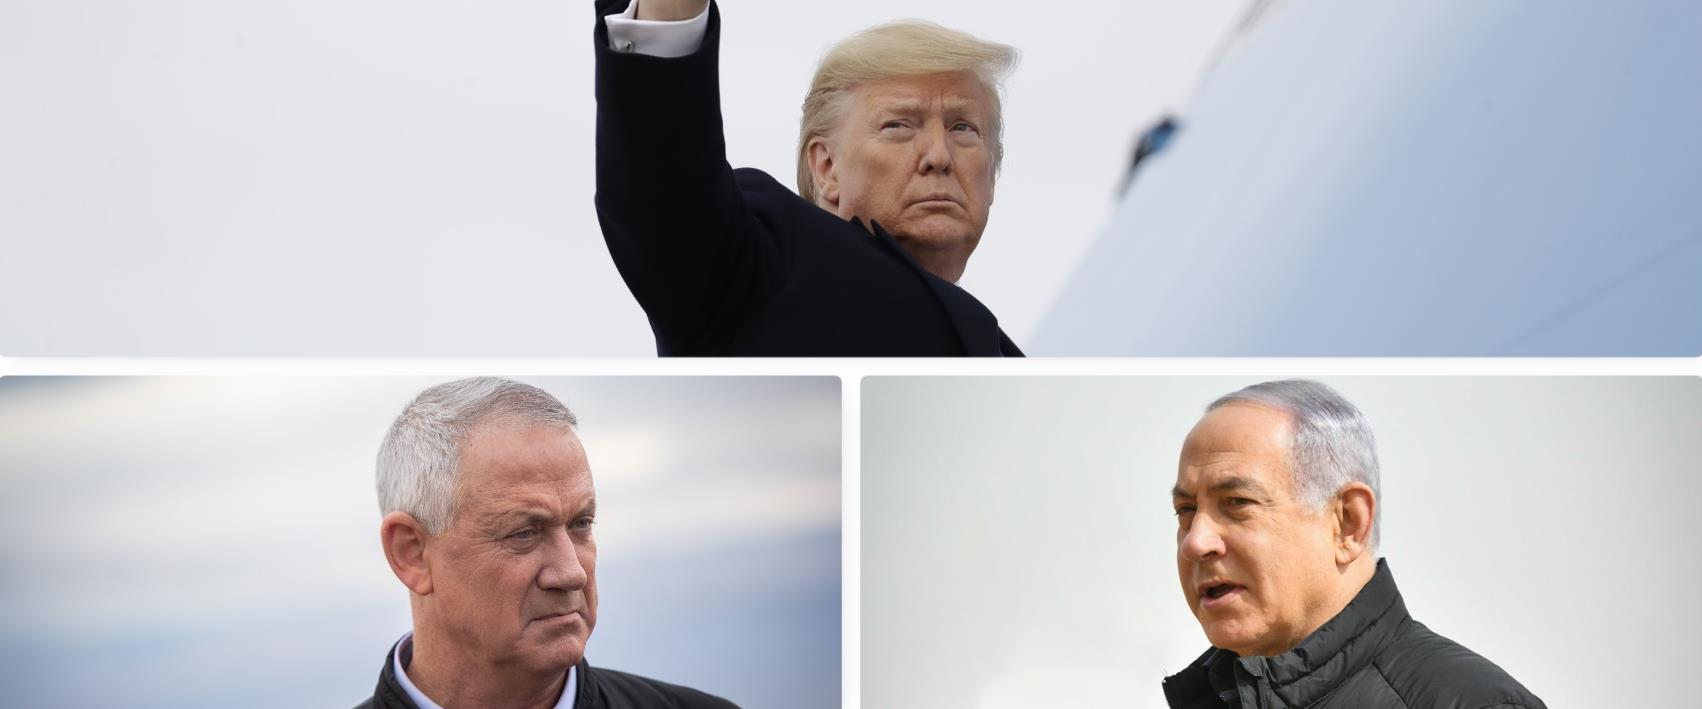 ייפגשו בשלישי. טראמפ, נתניהו וגנץ